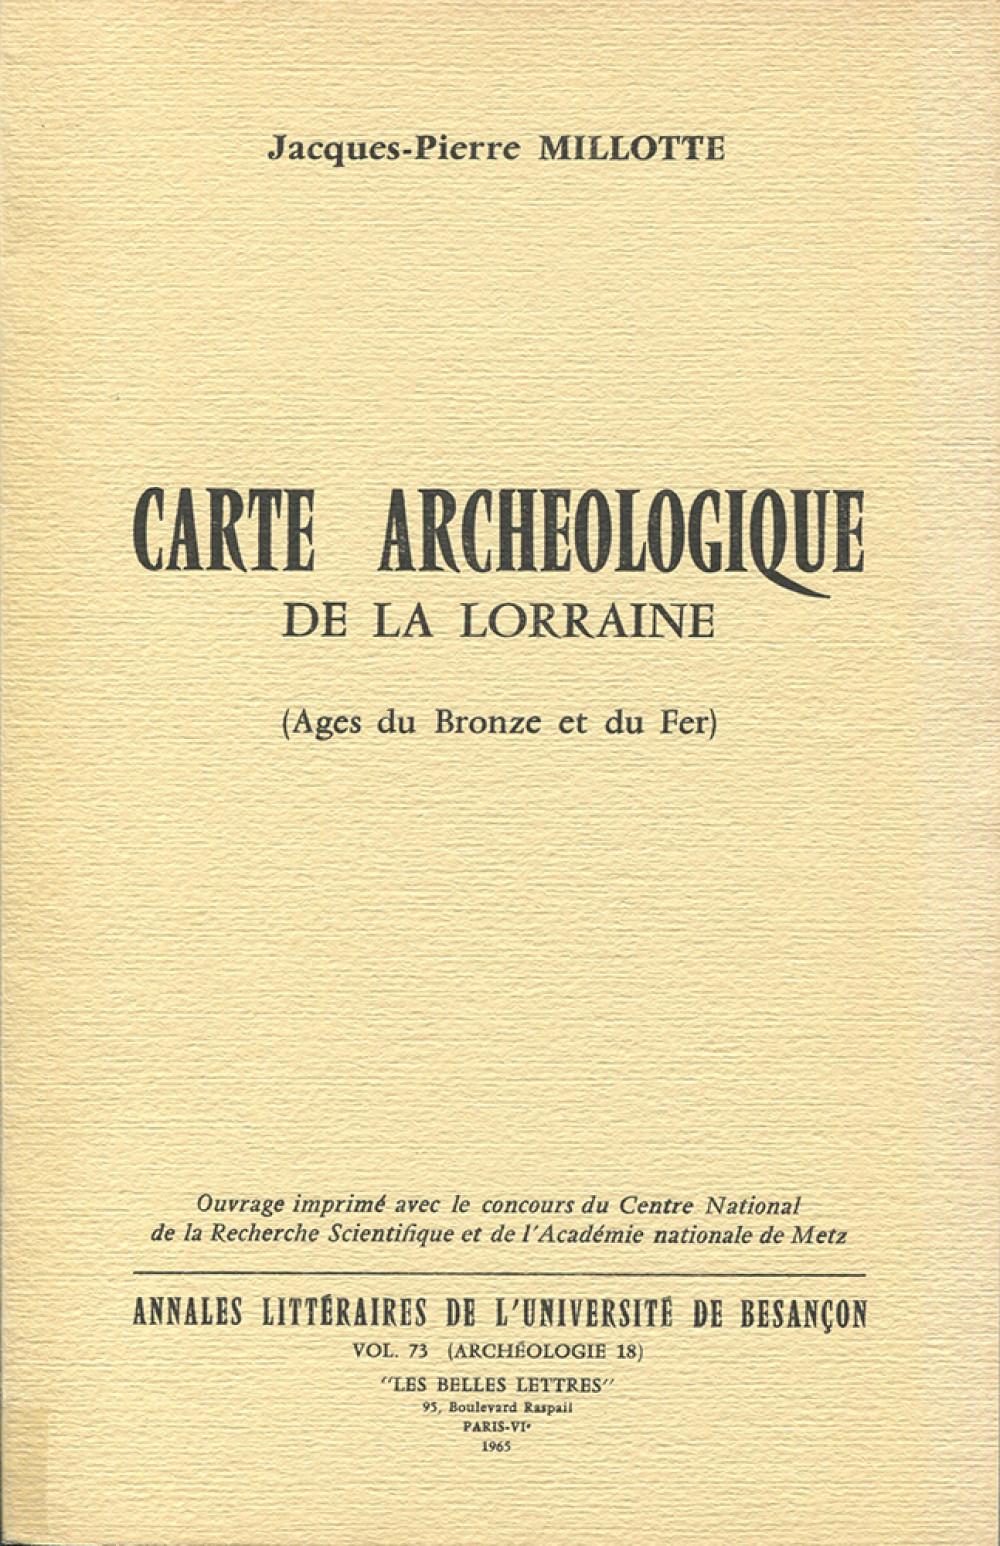 Carte archéologique de la Lorraine